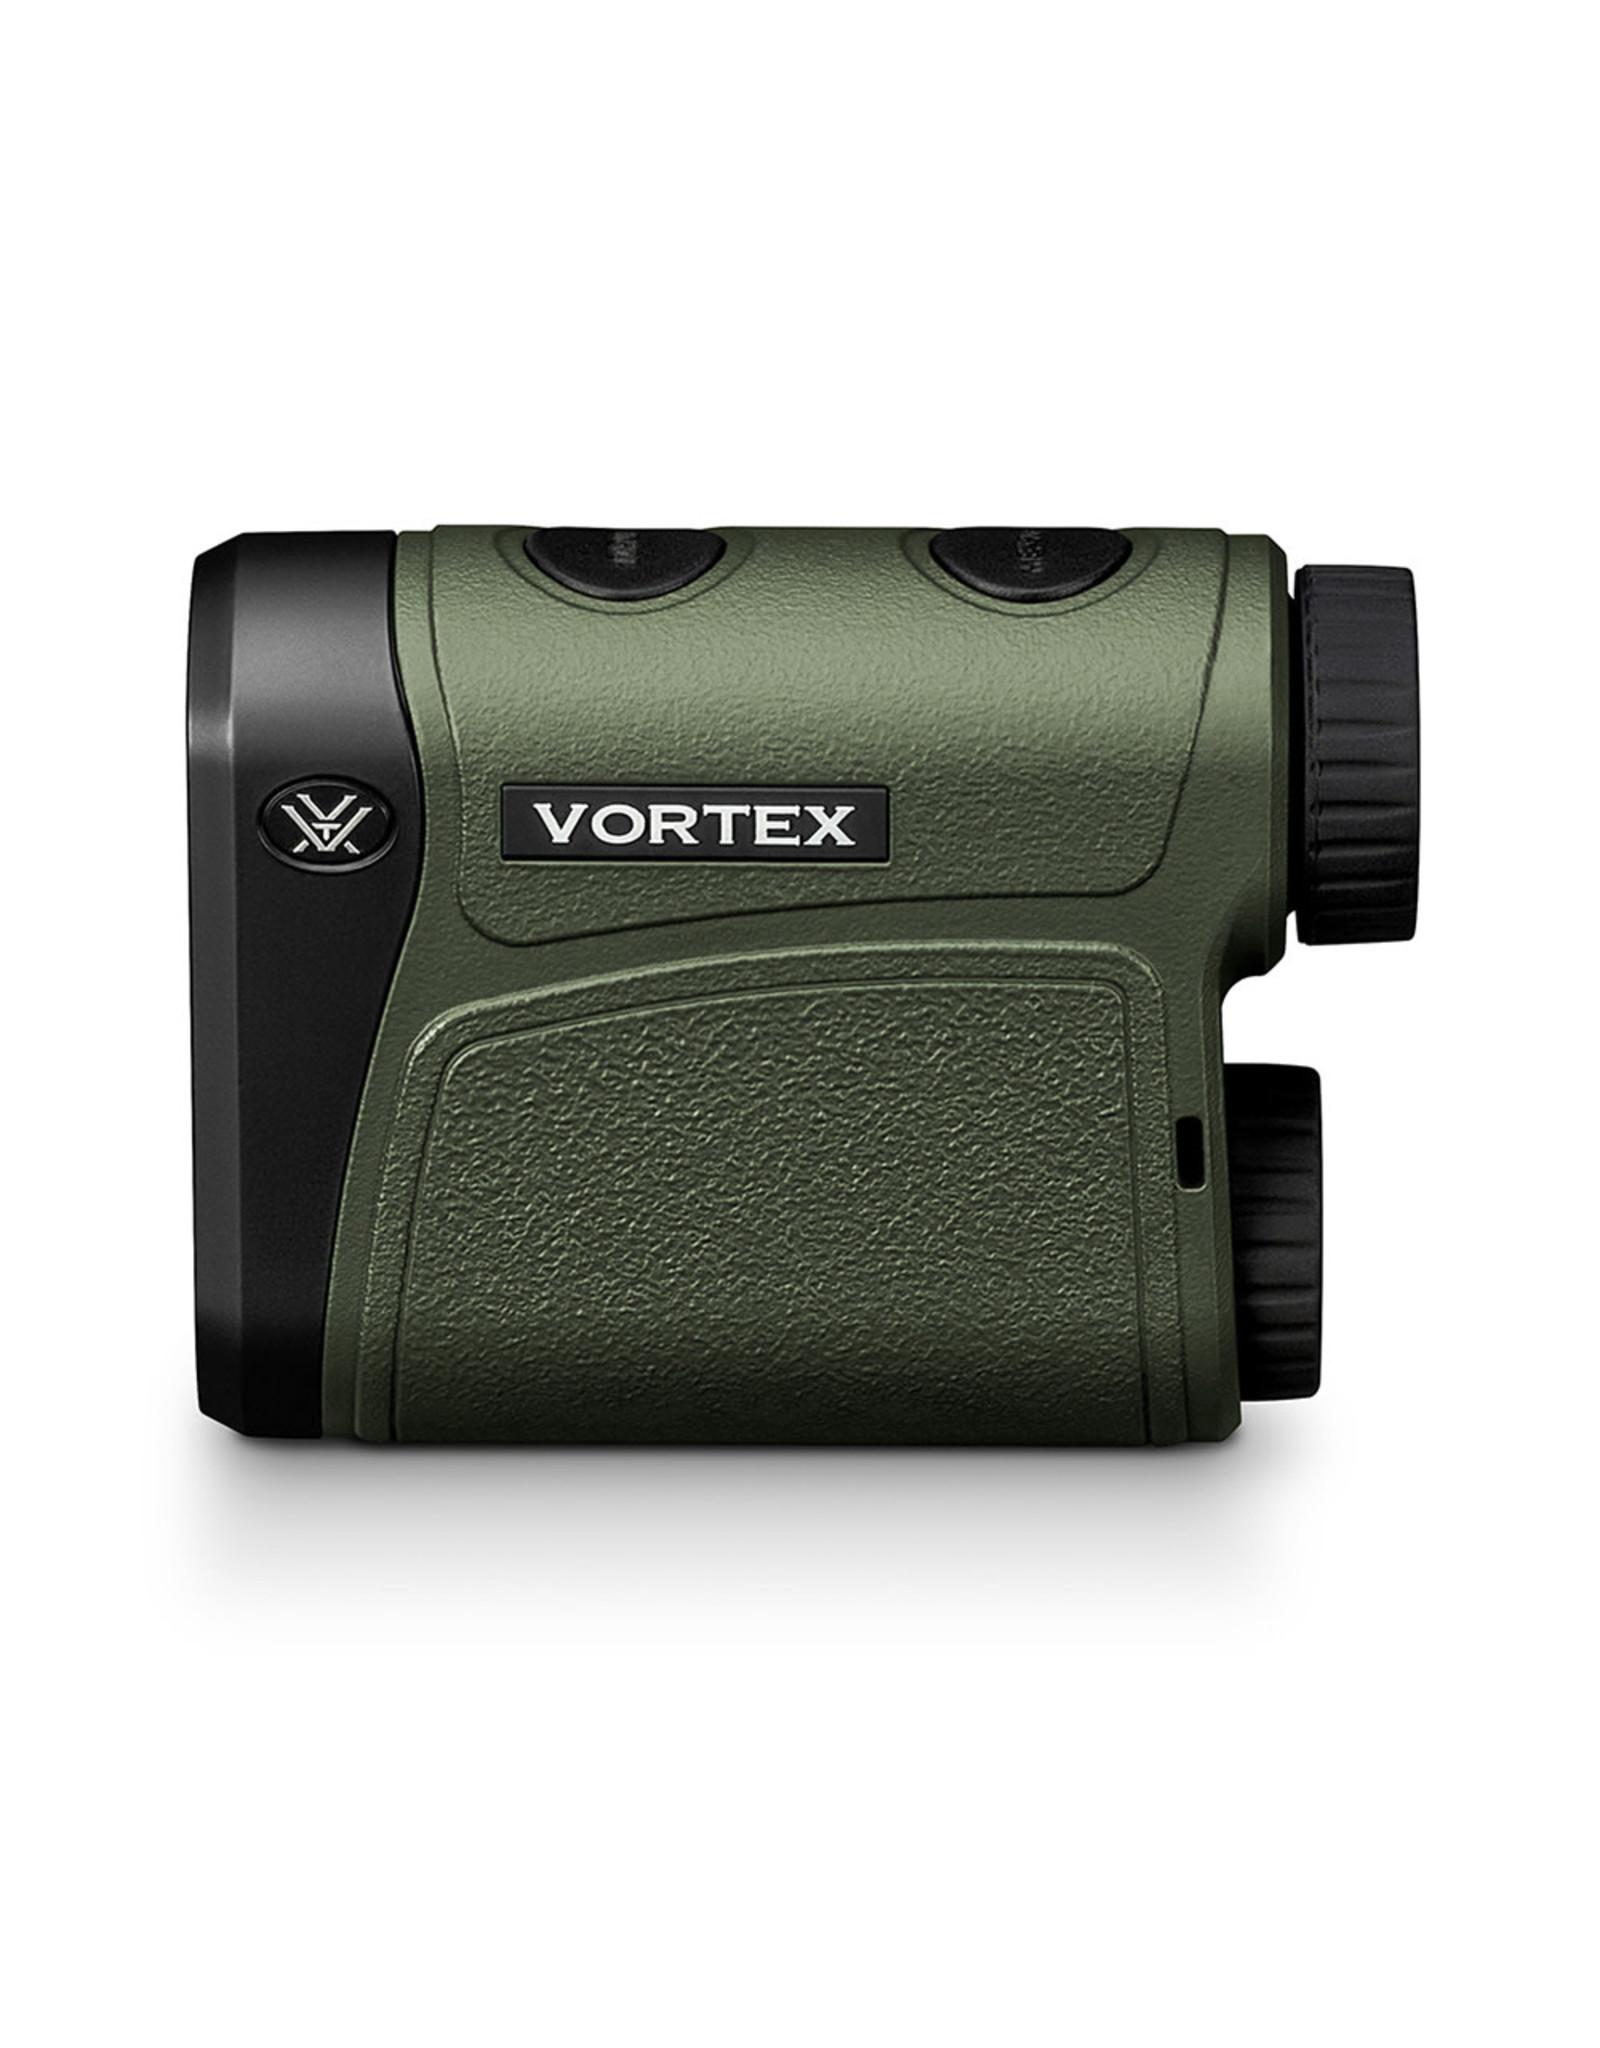 Vortex Optics VORTEX IMPACT 1000 LASER RANGEFINDER LRF101